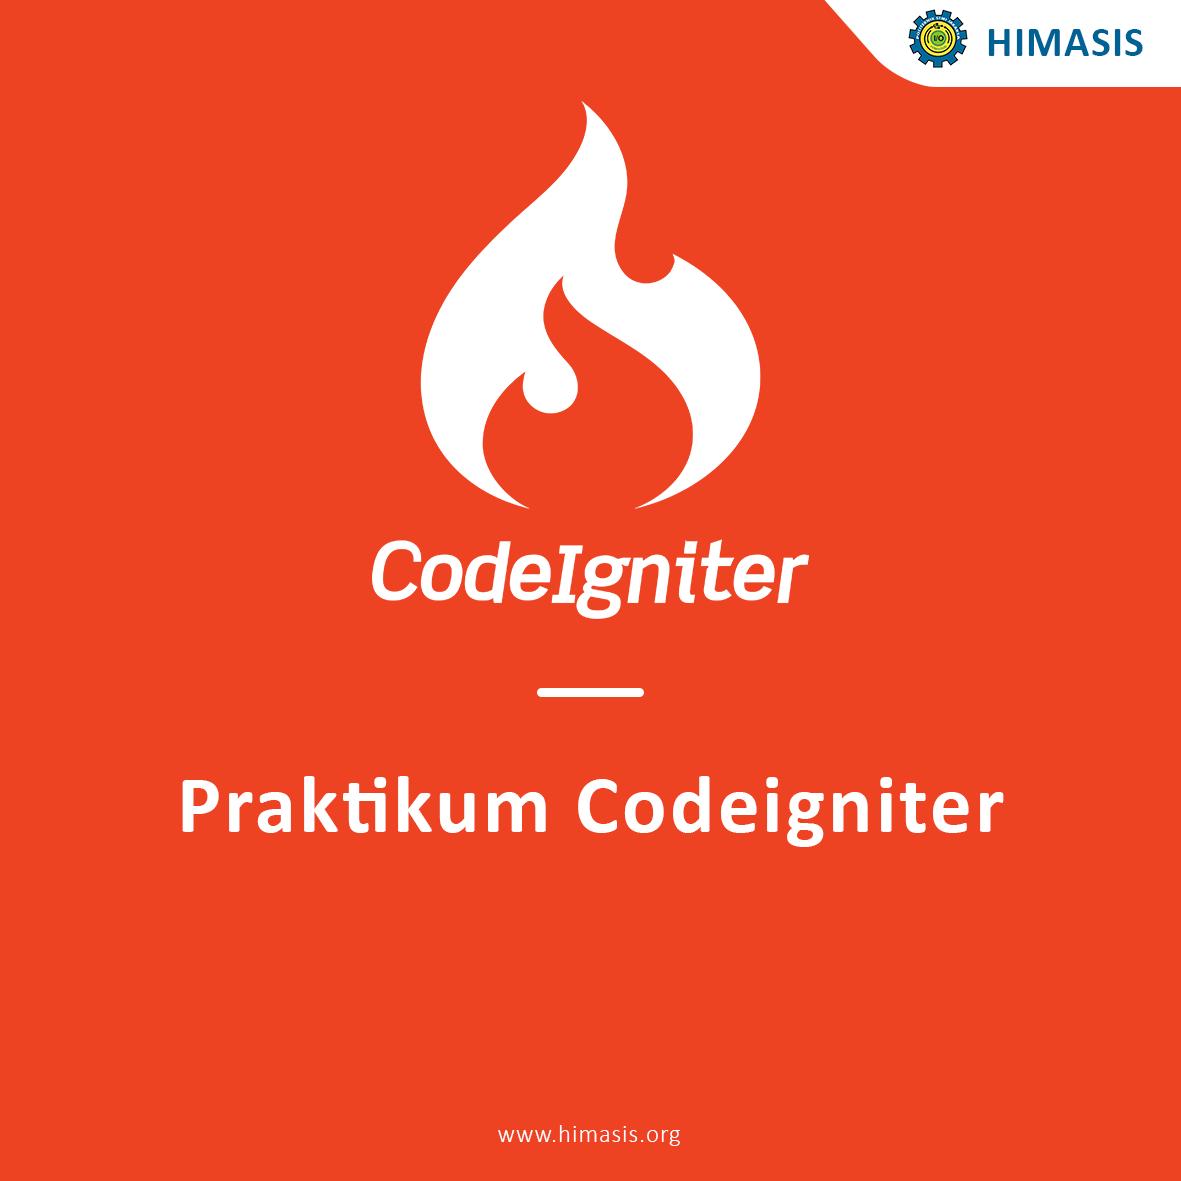 Praktikum Codeigniter